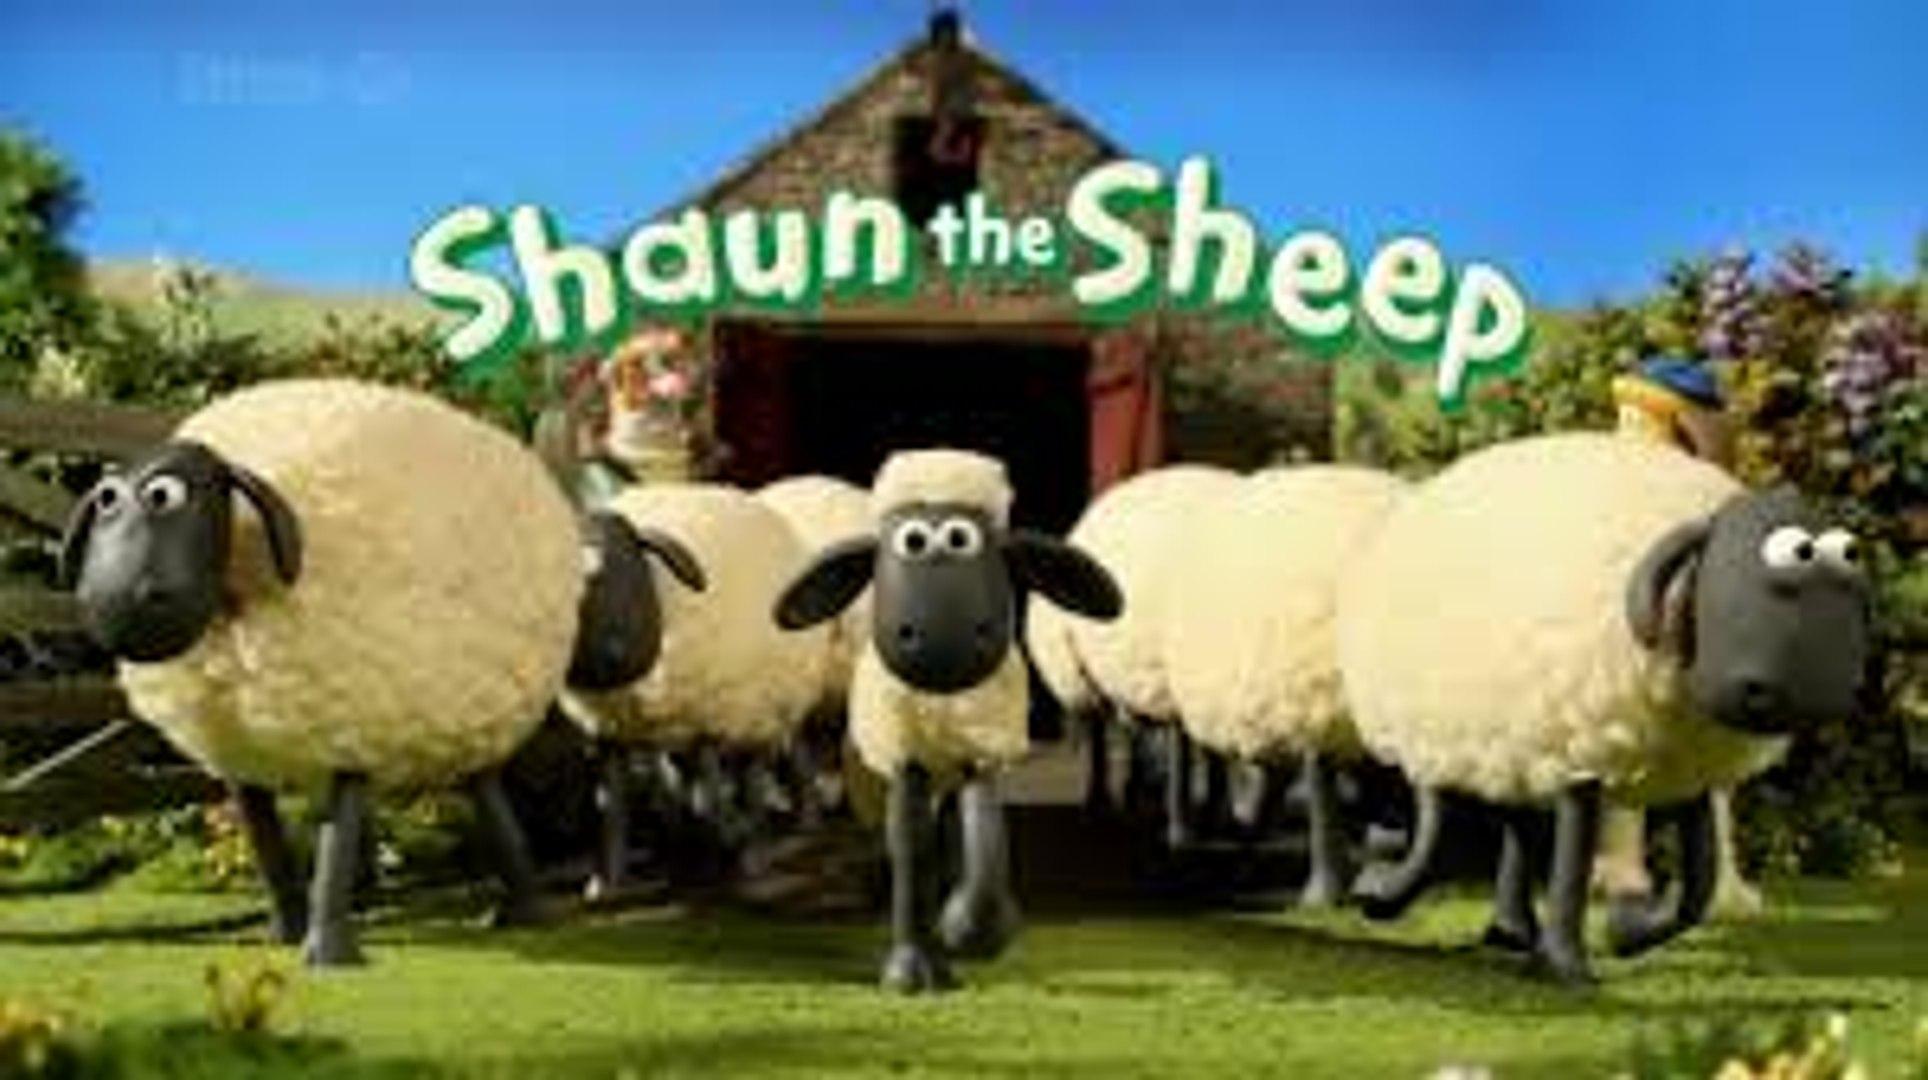 خروف شون ذا شيب الحلقة 50 ـ بيت الكلب Shaun The Sheep فيديو